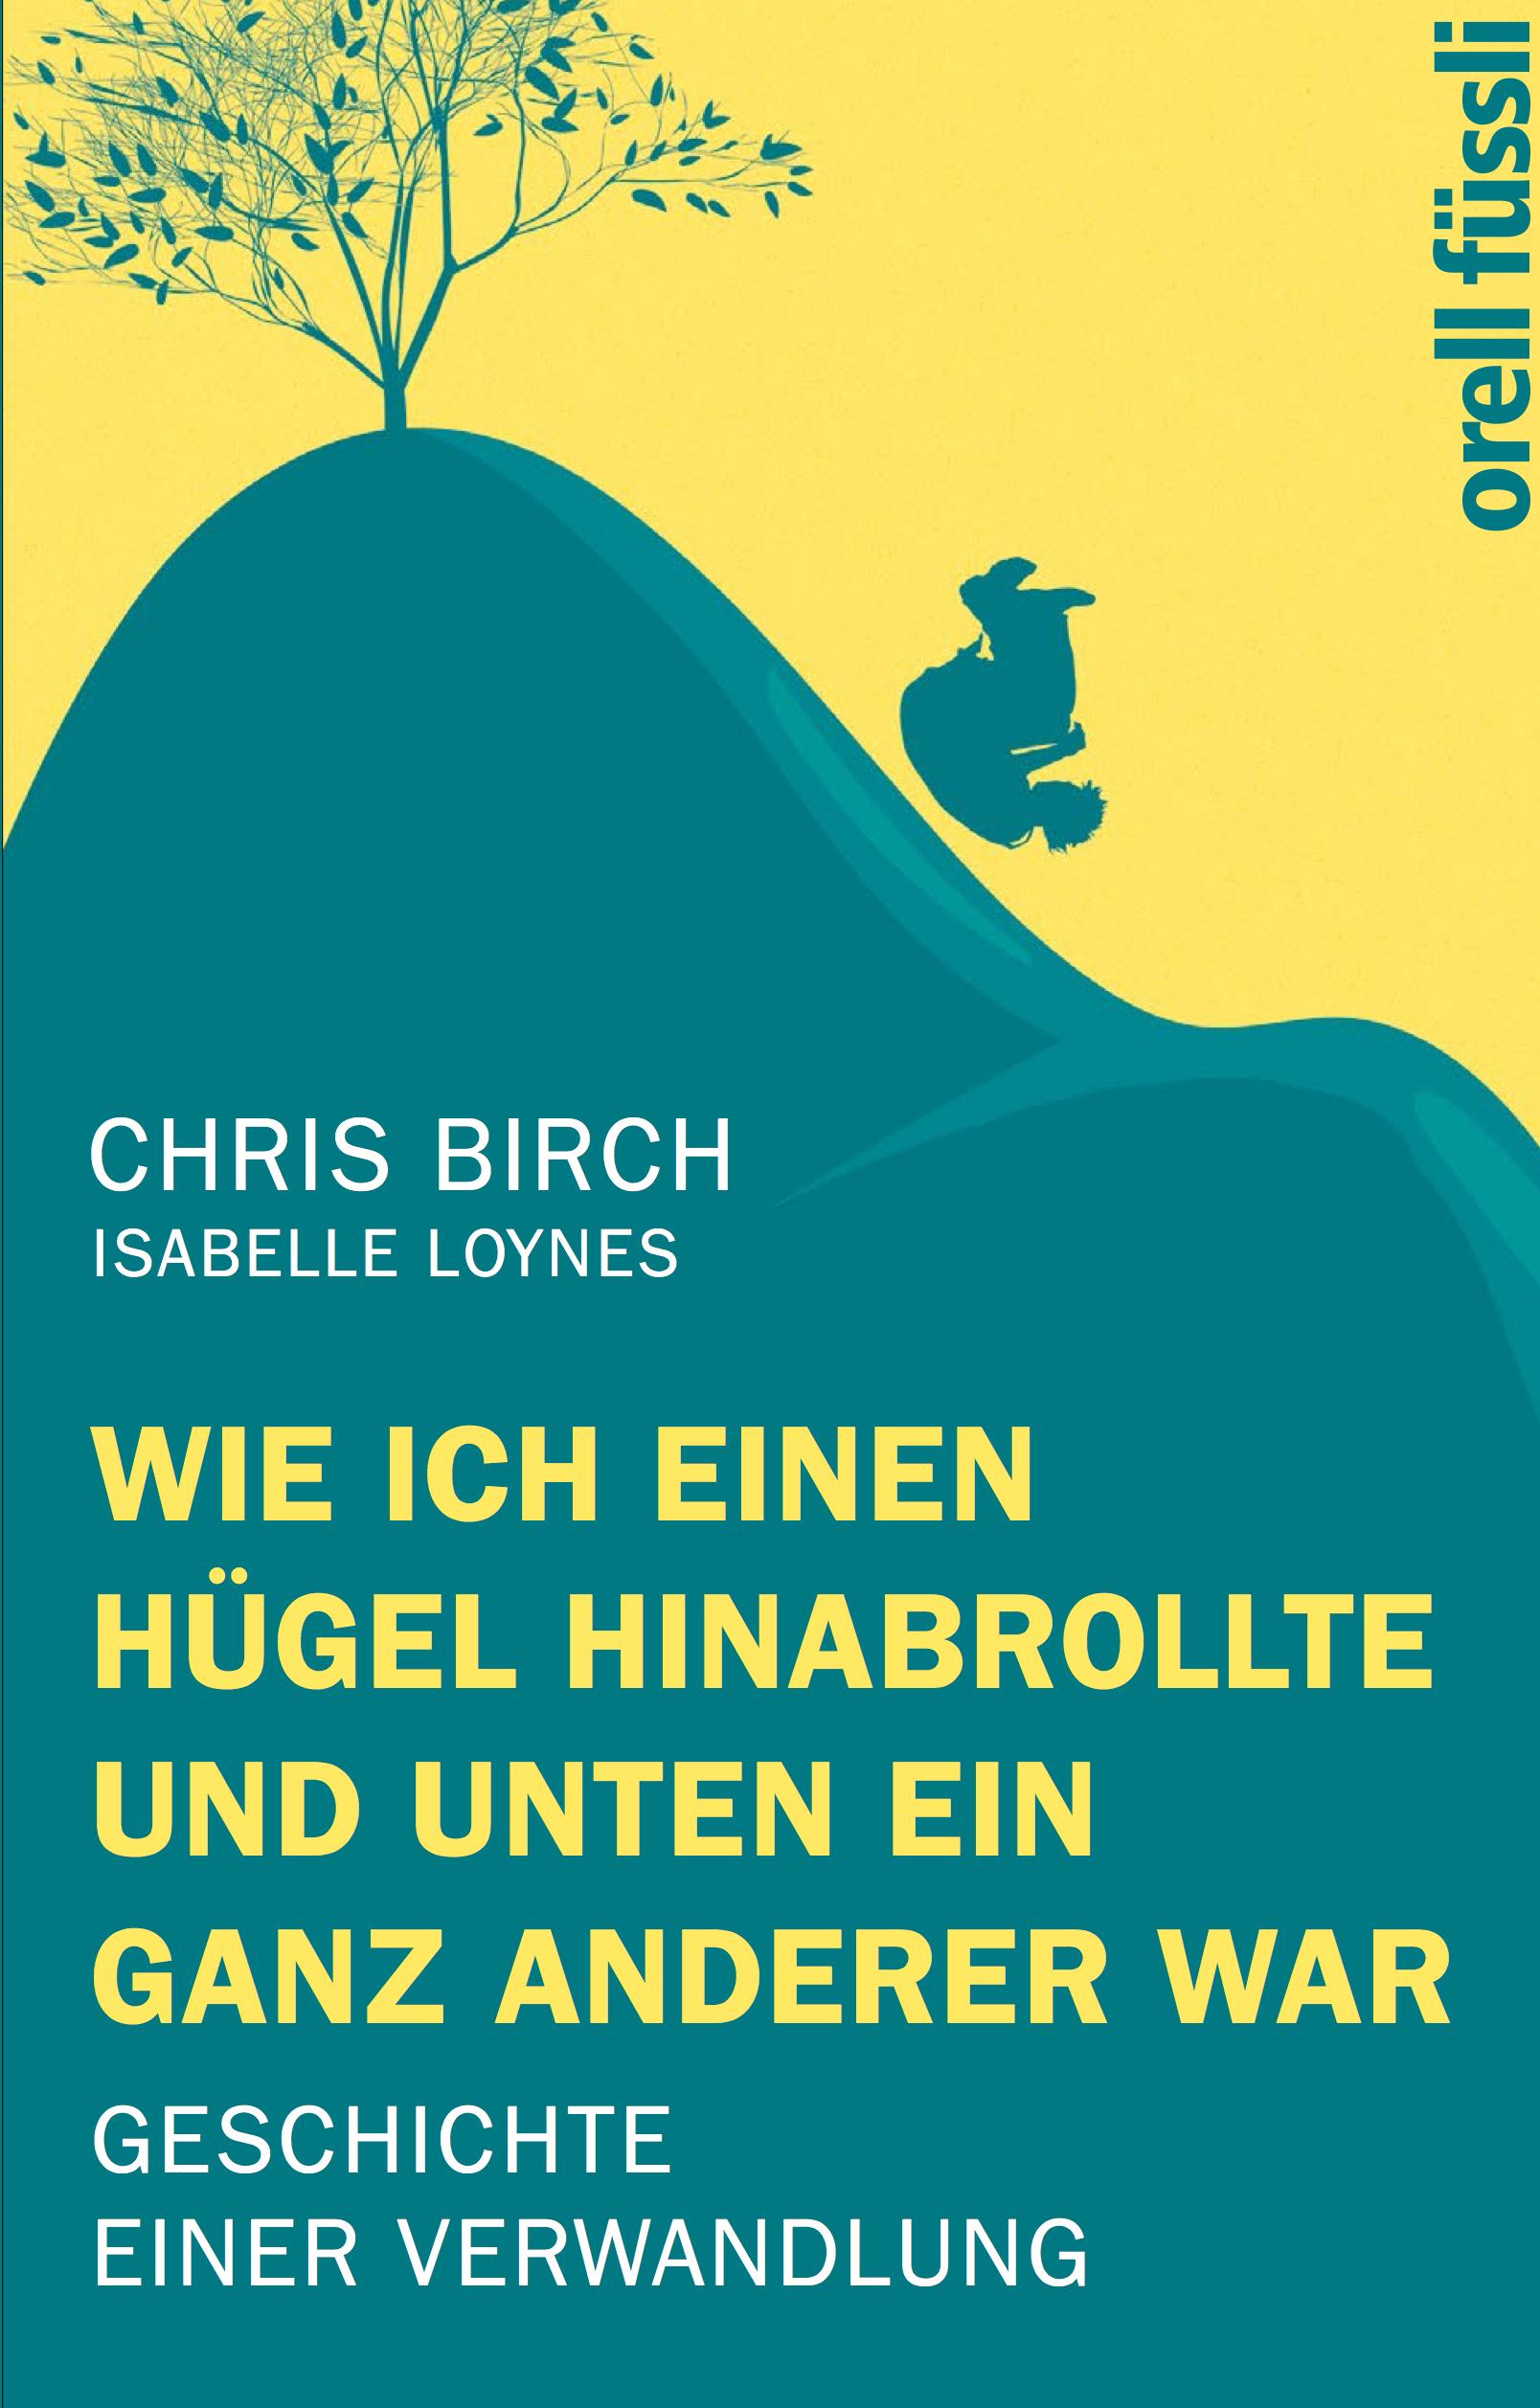 chris birch story.jpg